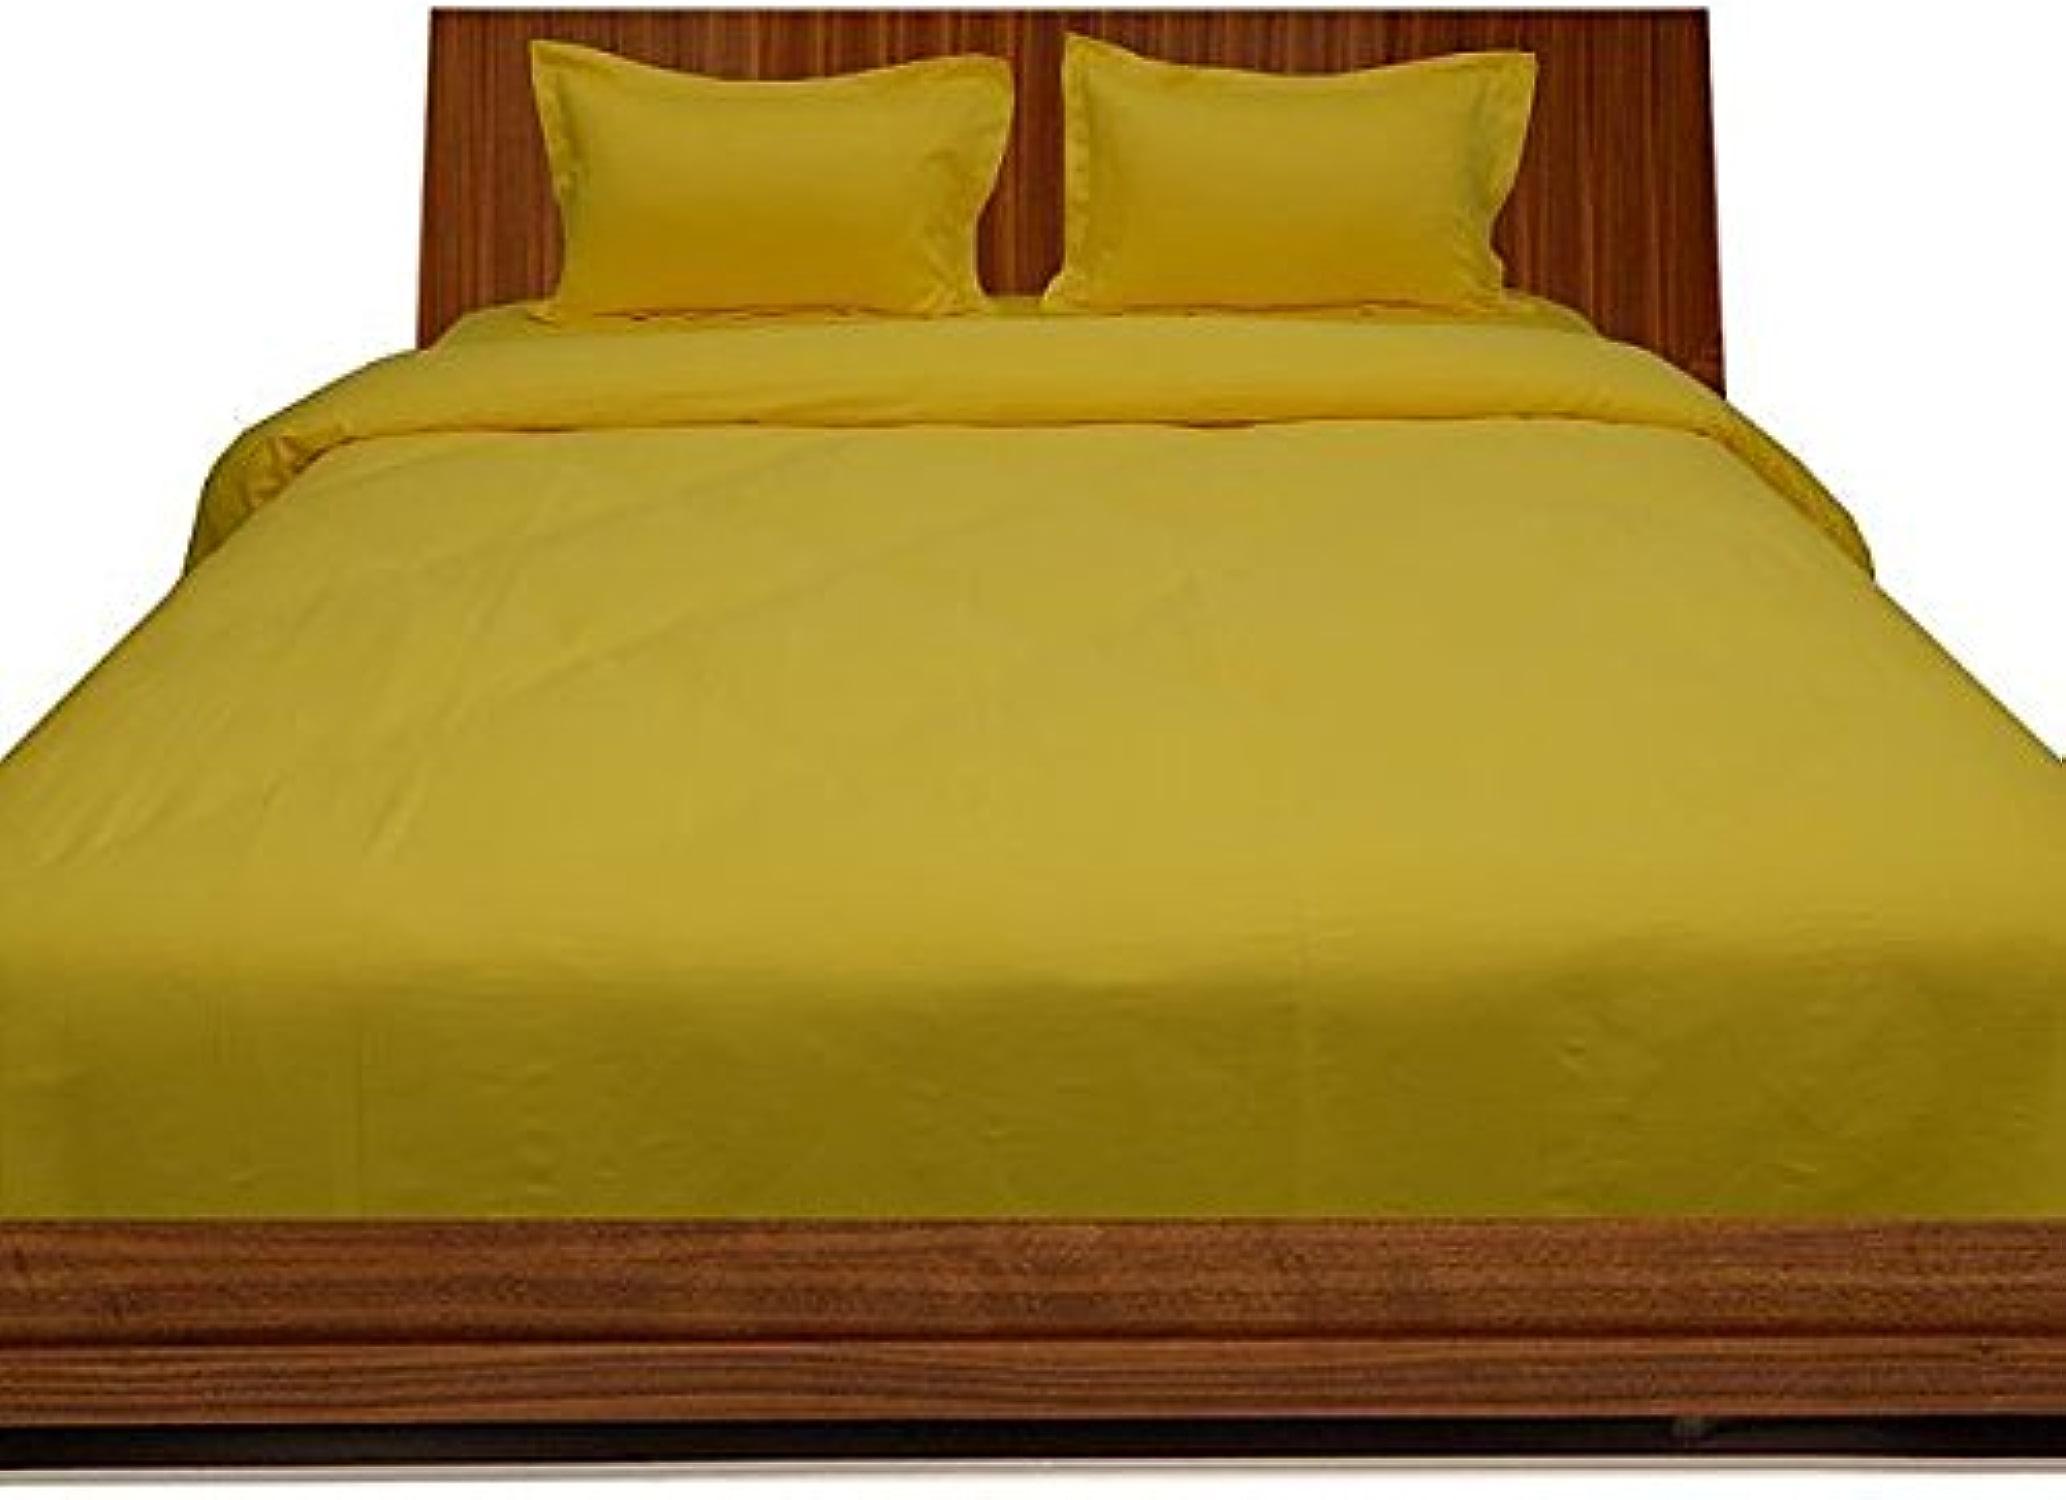 Simple en coton égypcravaten 600 fils cm2 - 30 cm-poche profonde jeu de feuilles jaune massif King Taille 100%  coton